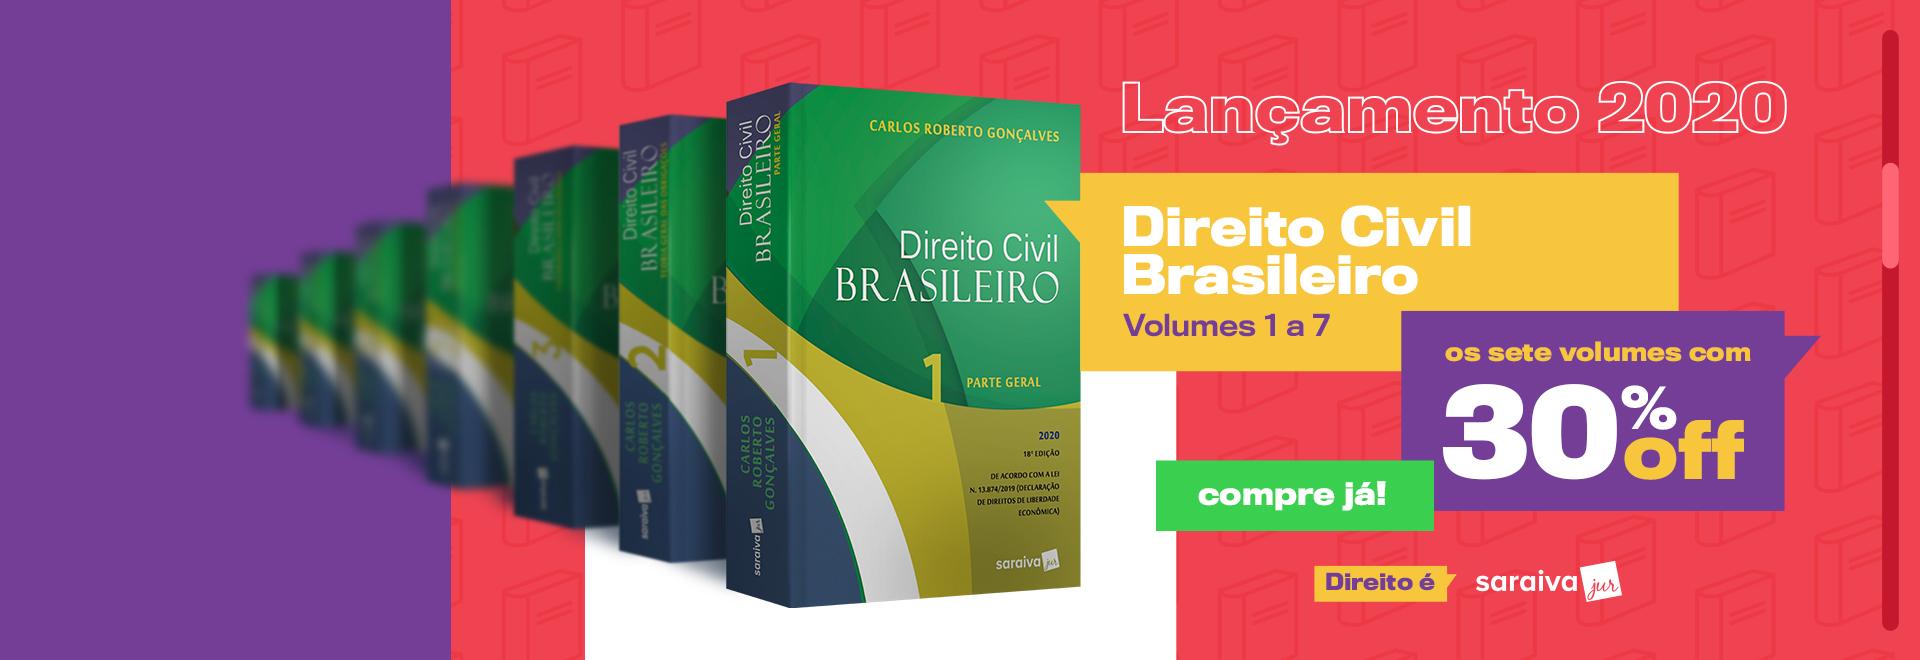 Direito Civil Brasileiro 2020